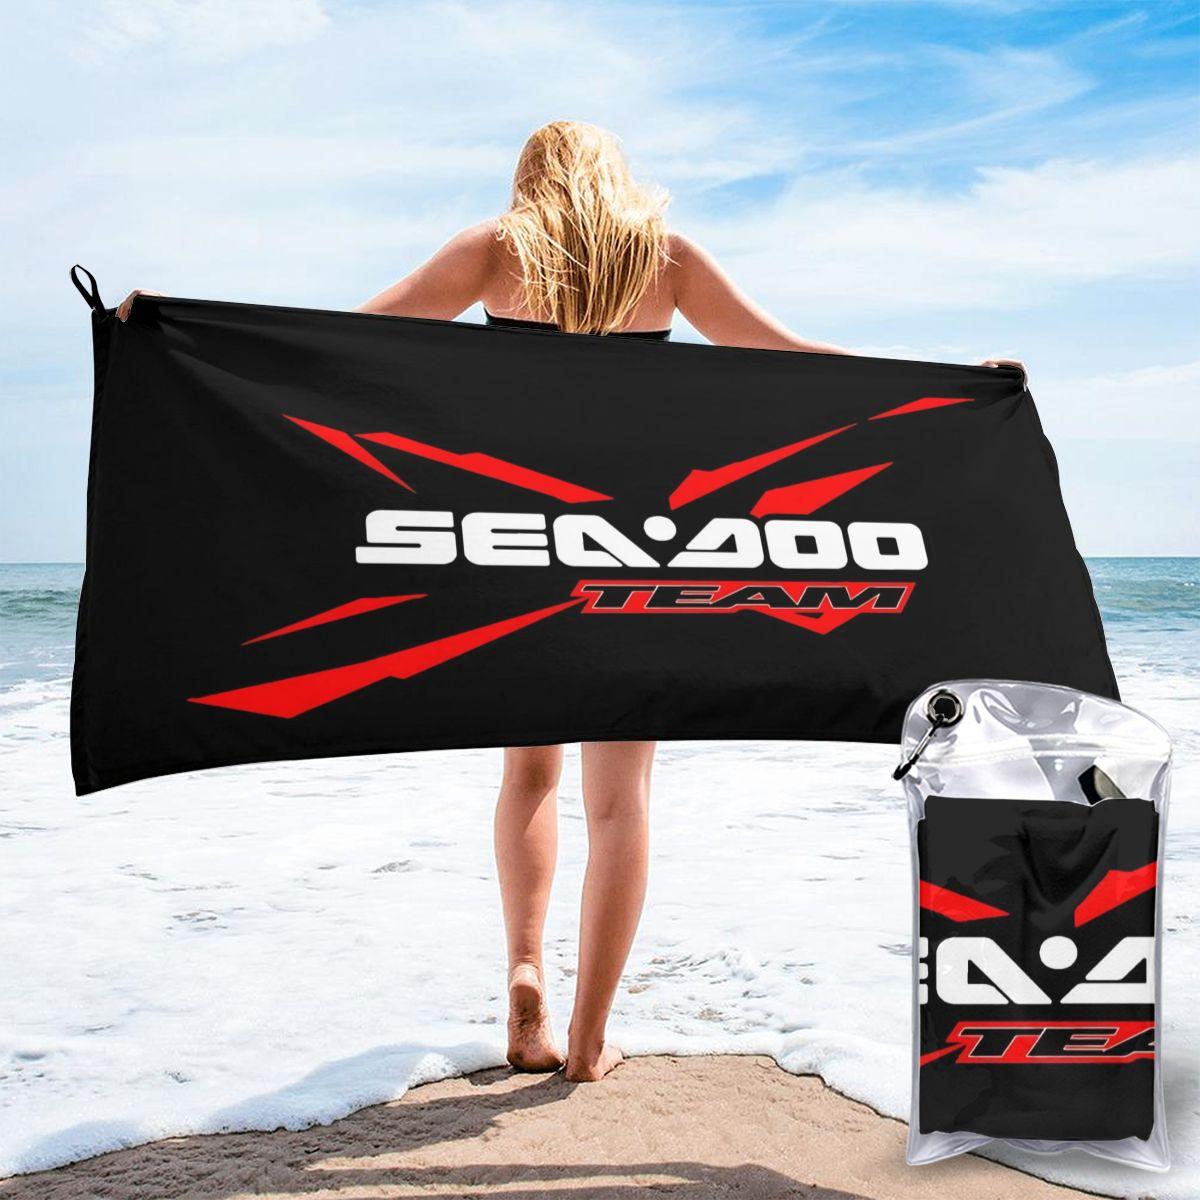 Sea Doo Team Rxt Brt Логотип Морской гоночной команды уличная одежда размер S3Xl пляжное банное полотенце